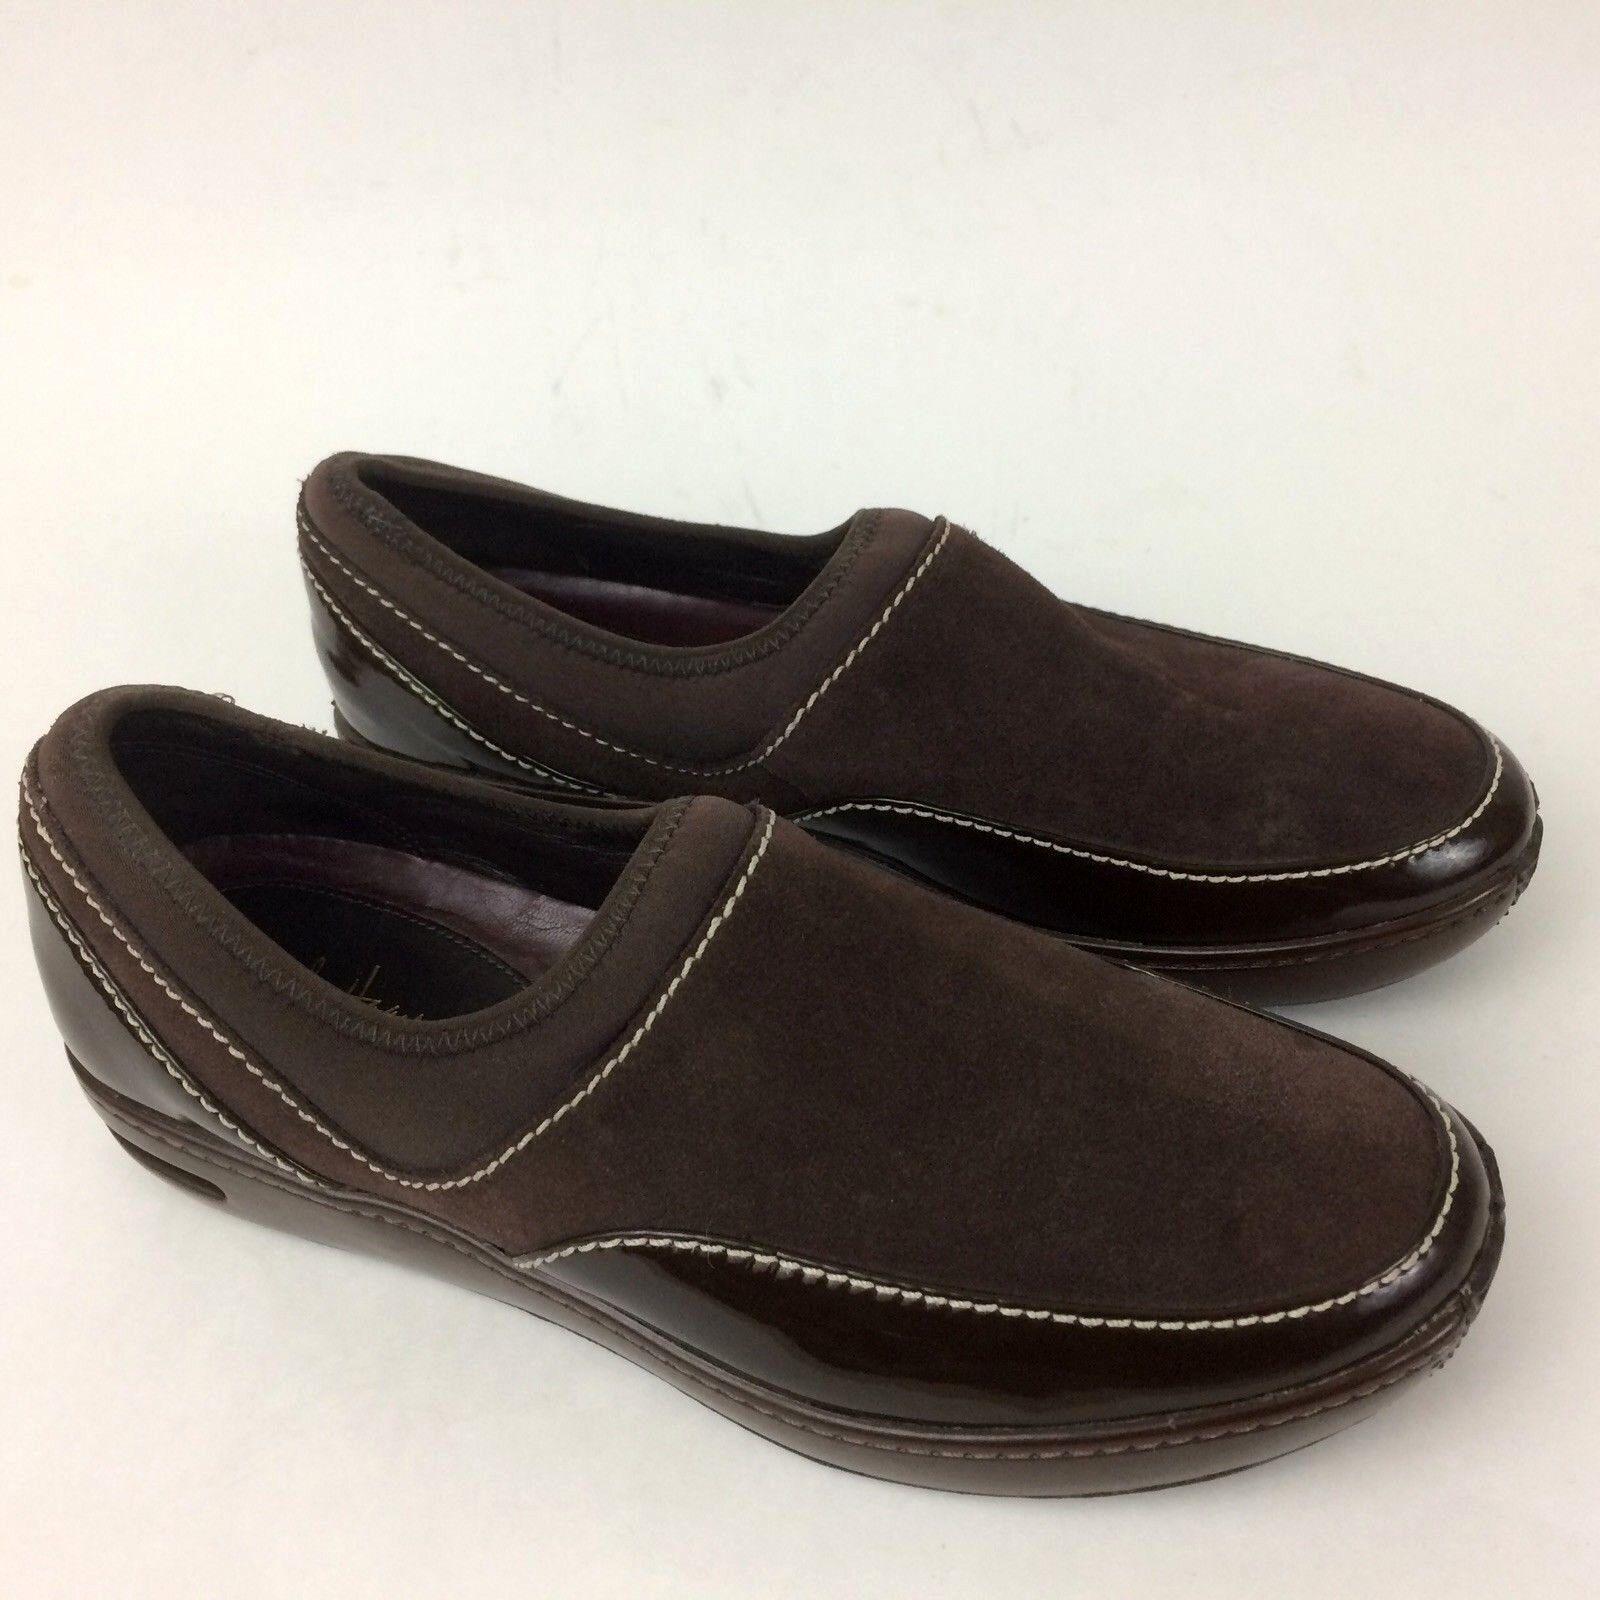 Cole Haan N. Air Kadin Womens Waterproof Loafers Slip On 8B Dark Chocolate